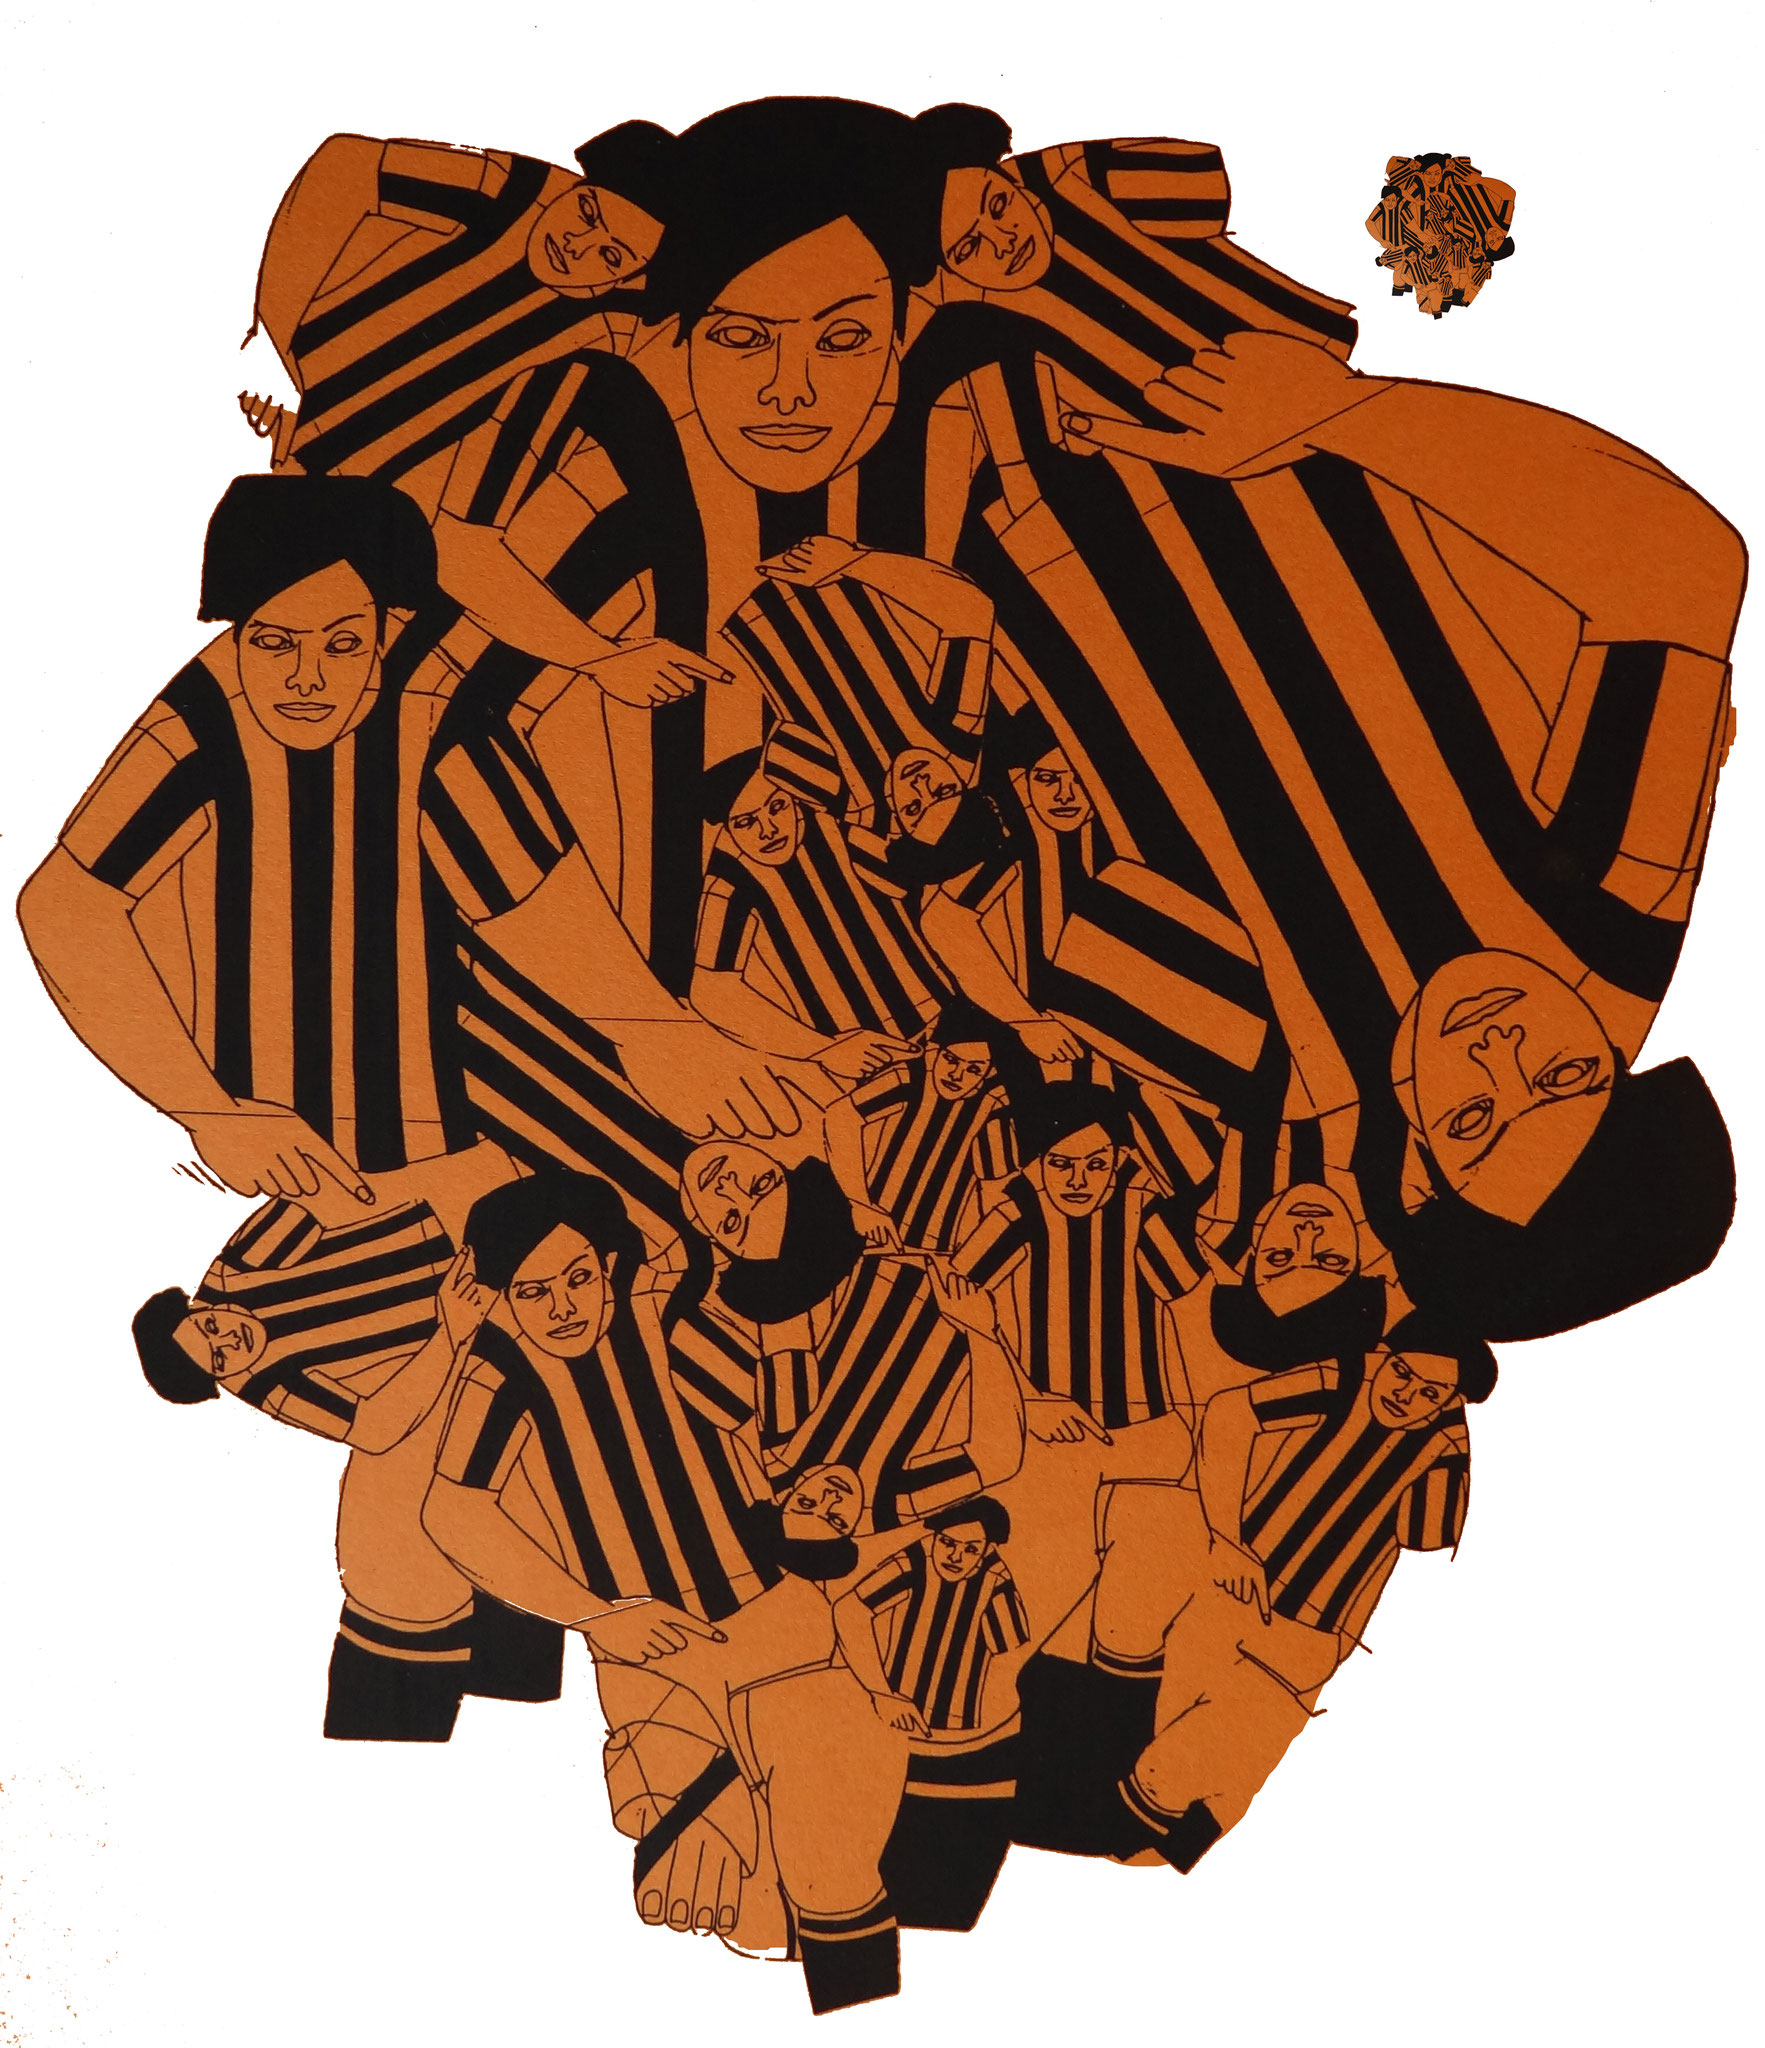 """""""Agatha, hilf"""", 2000, Raumcollage mit duplizierten Handzeichnungen, Schloss Agathenburg, Agathenburg (Foto: Ralf Timm)"""